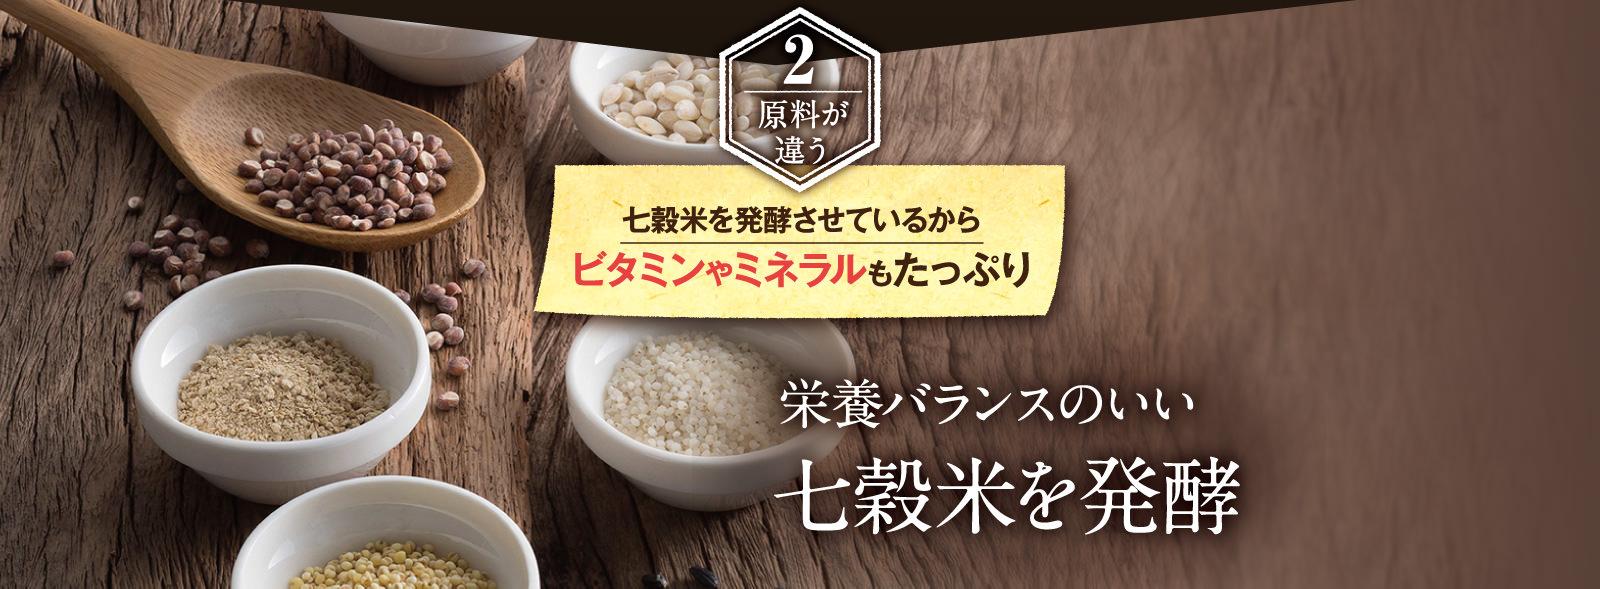 七穀米を発酵させているからビタミンやミネラルもたっぷり